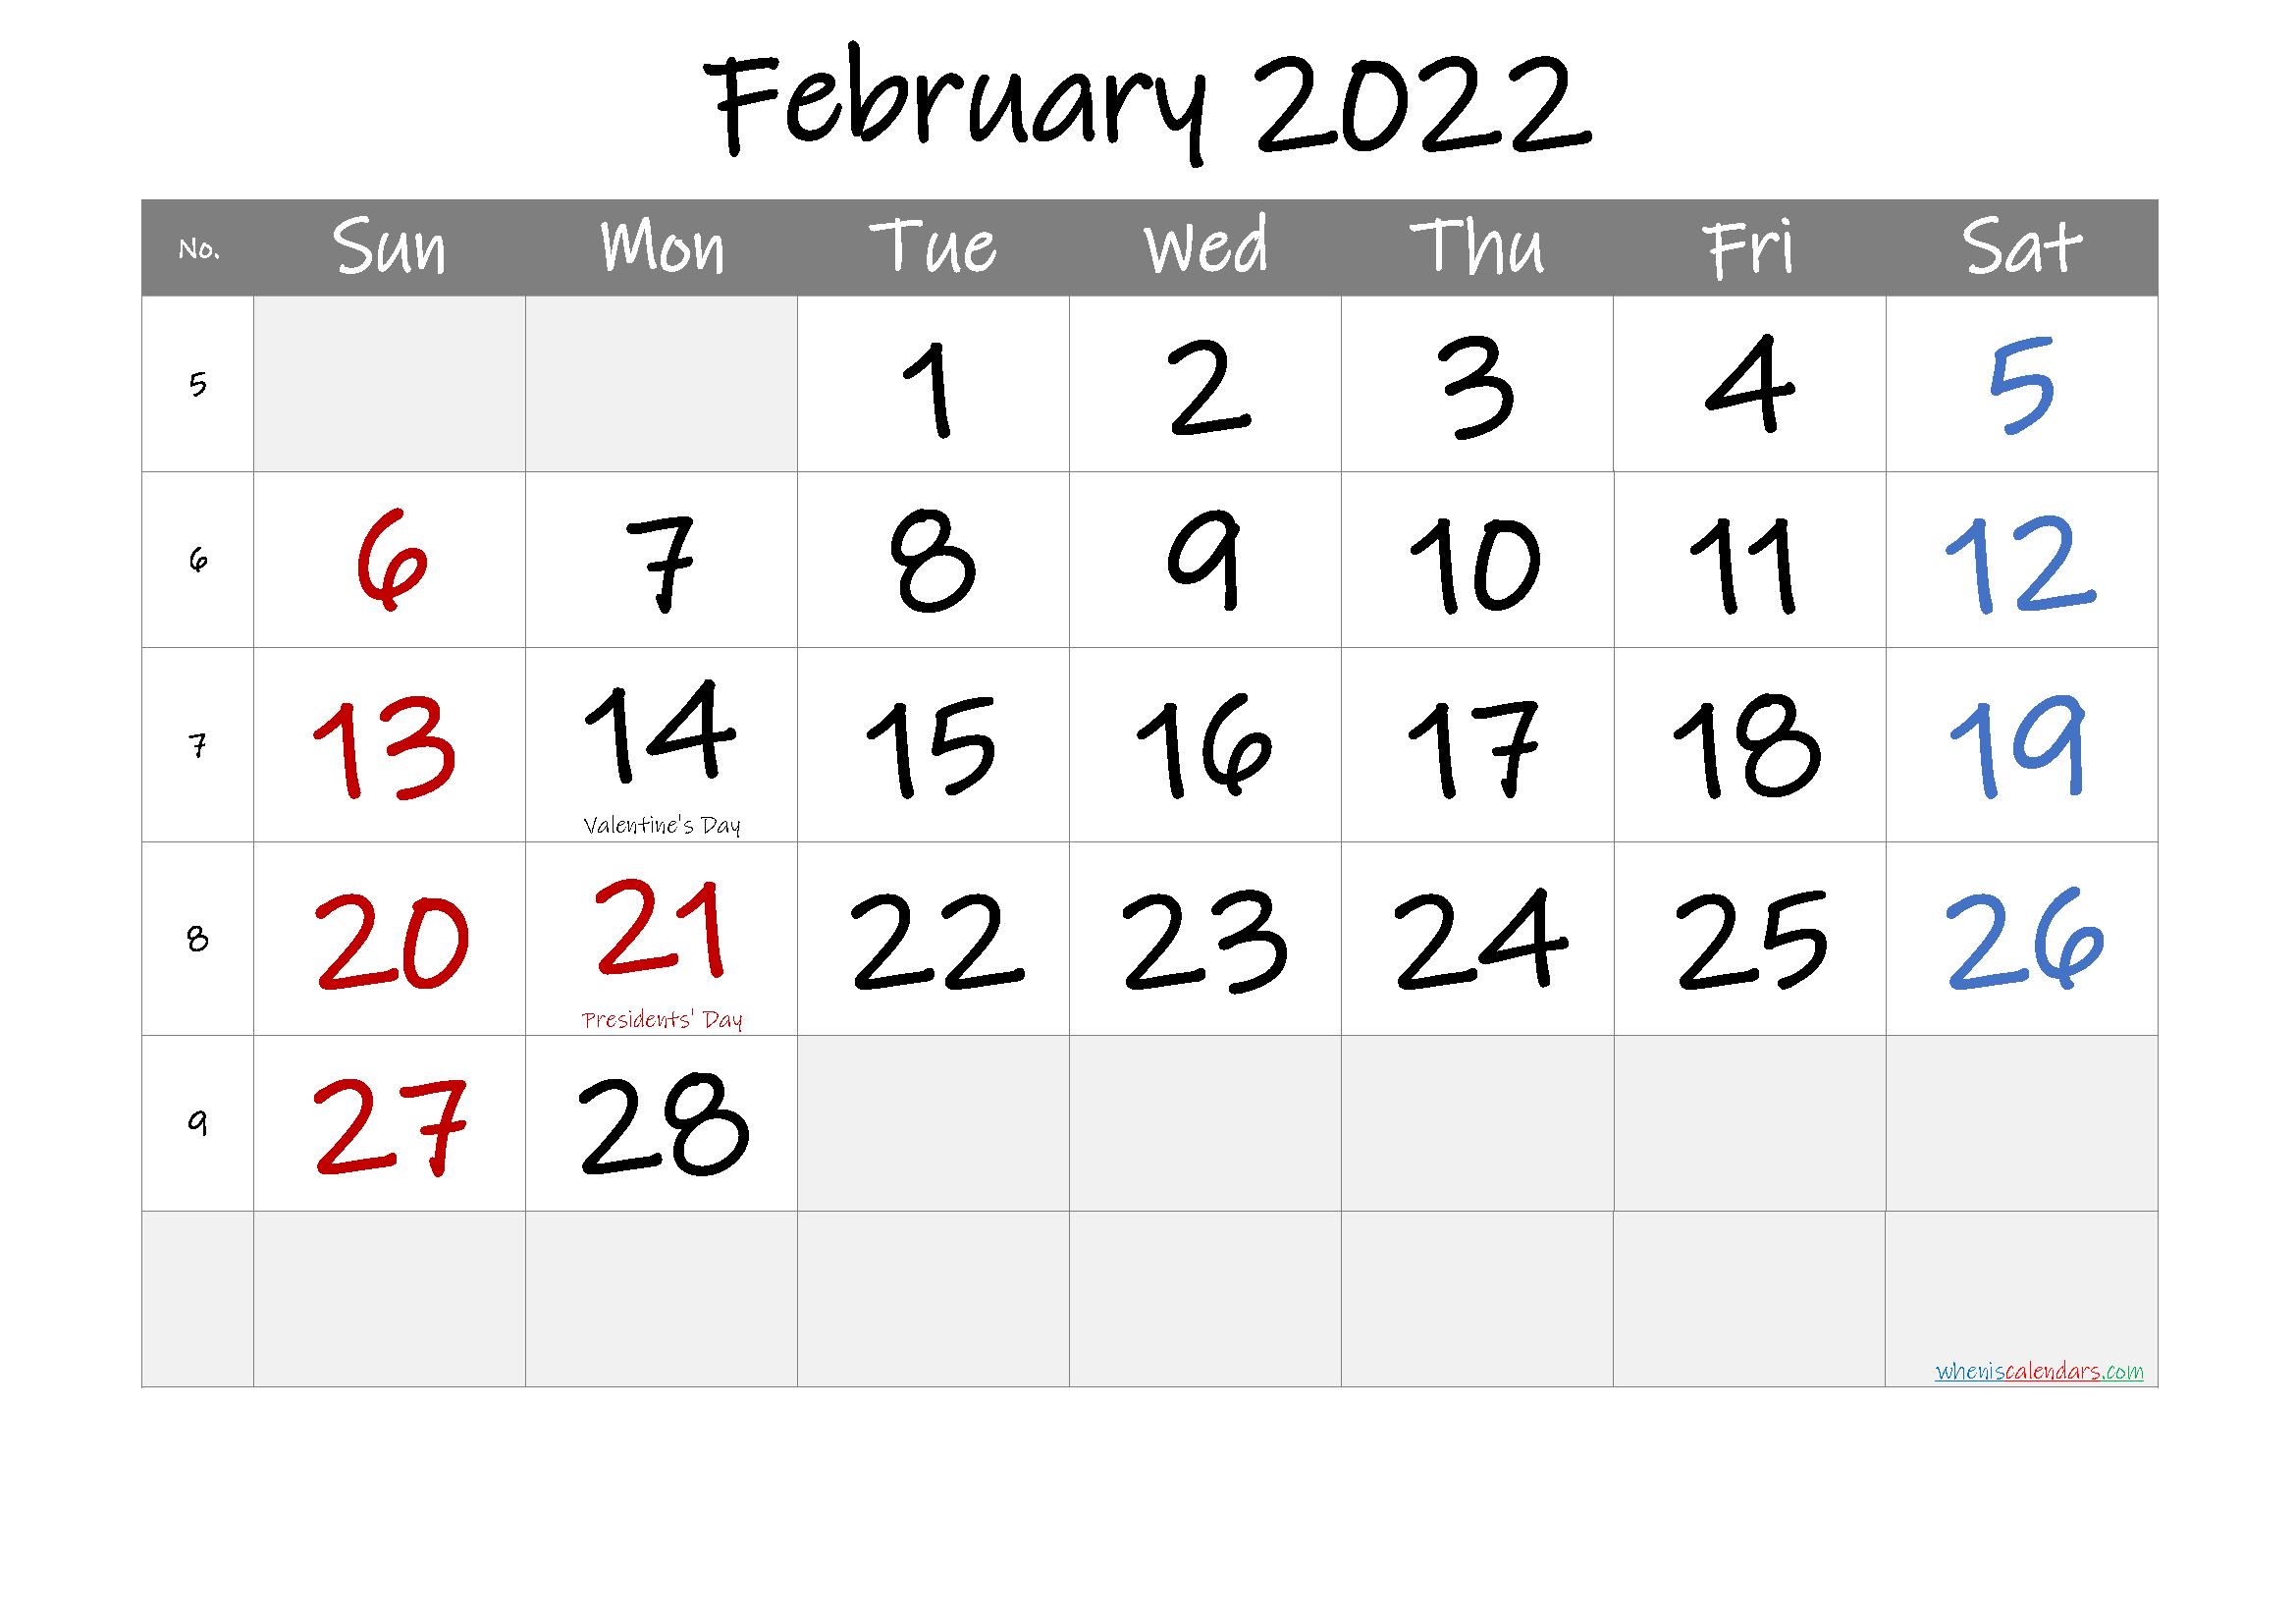 Utk Spring 2022 Calendar.Free Printable February 2022 Calendar Pdf And Png